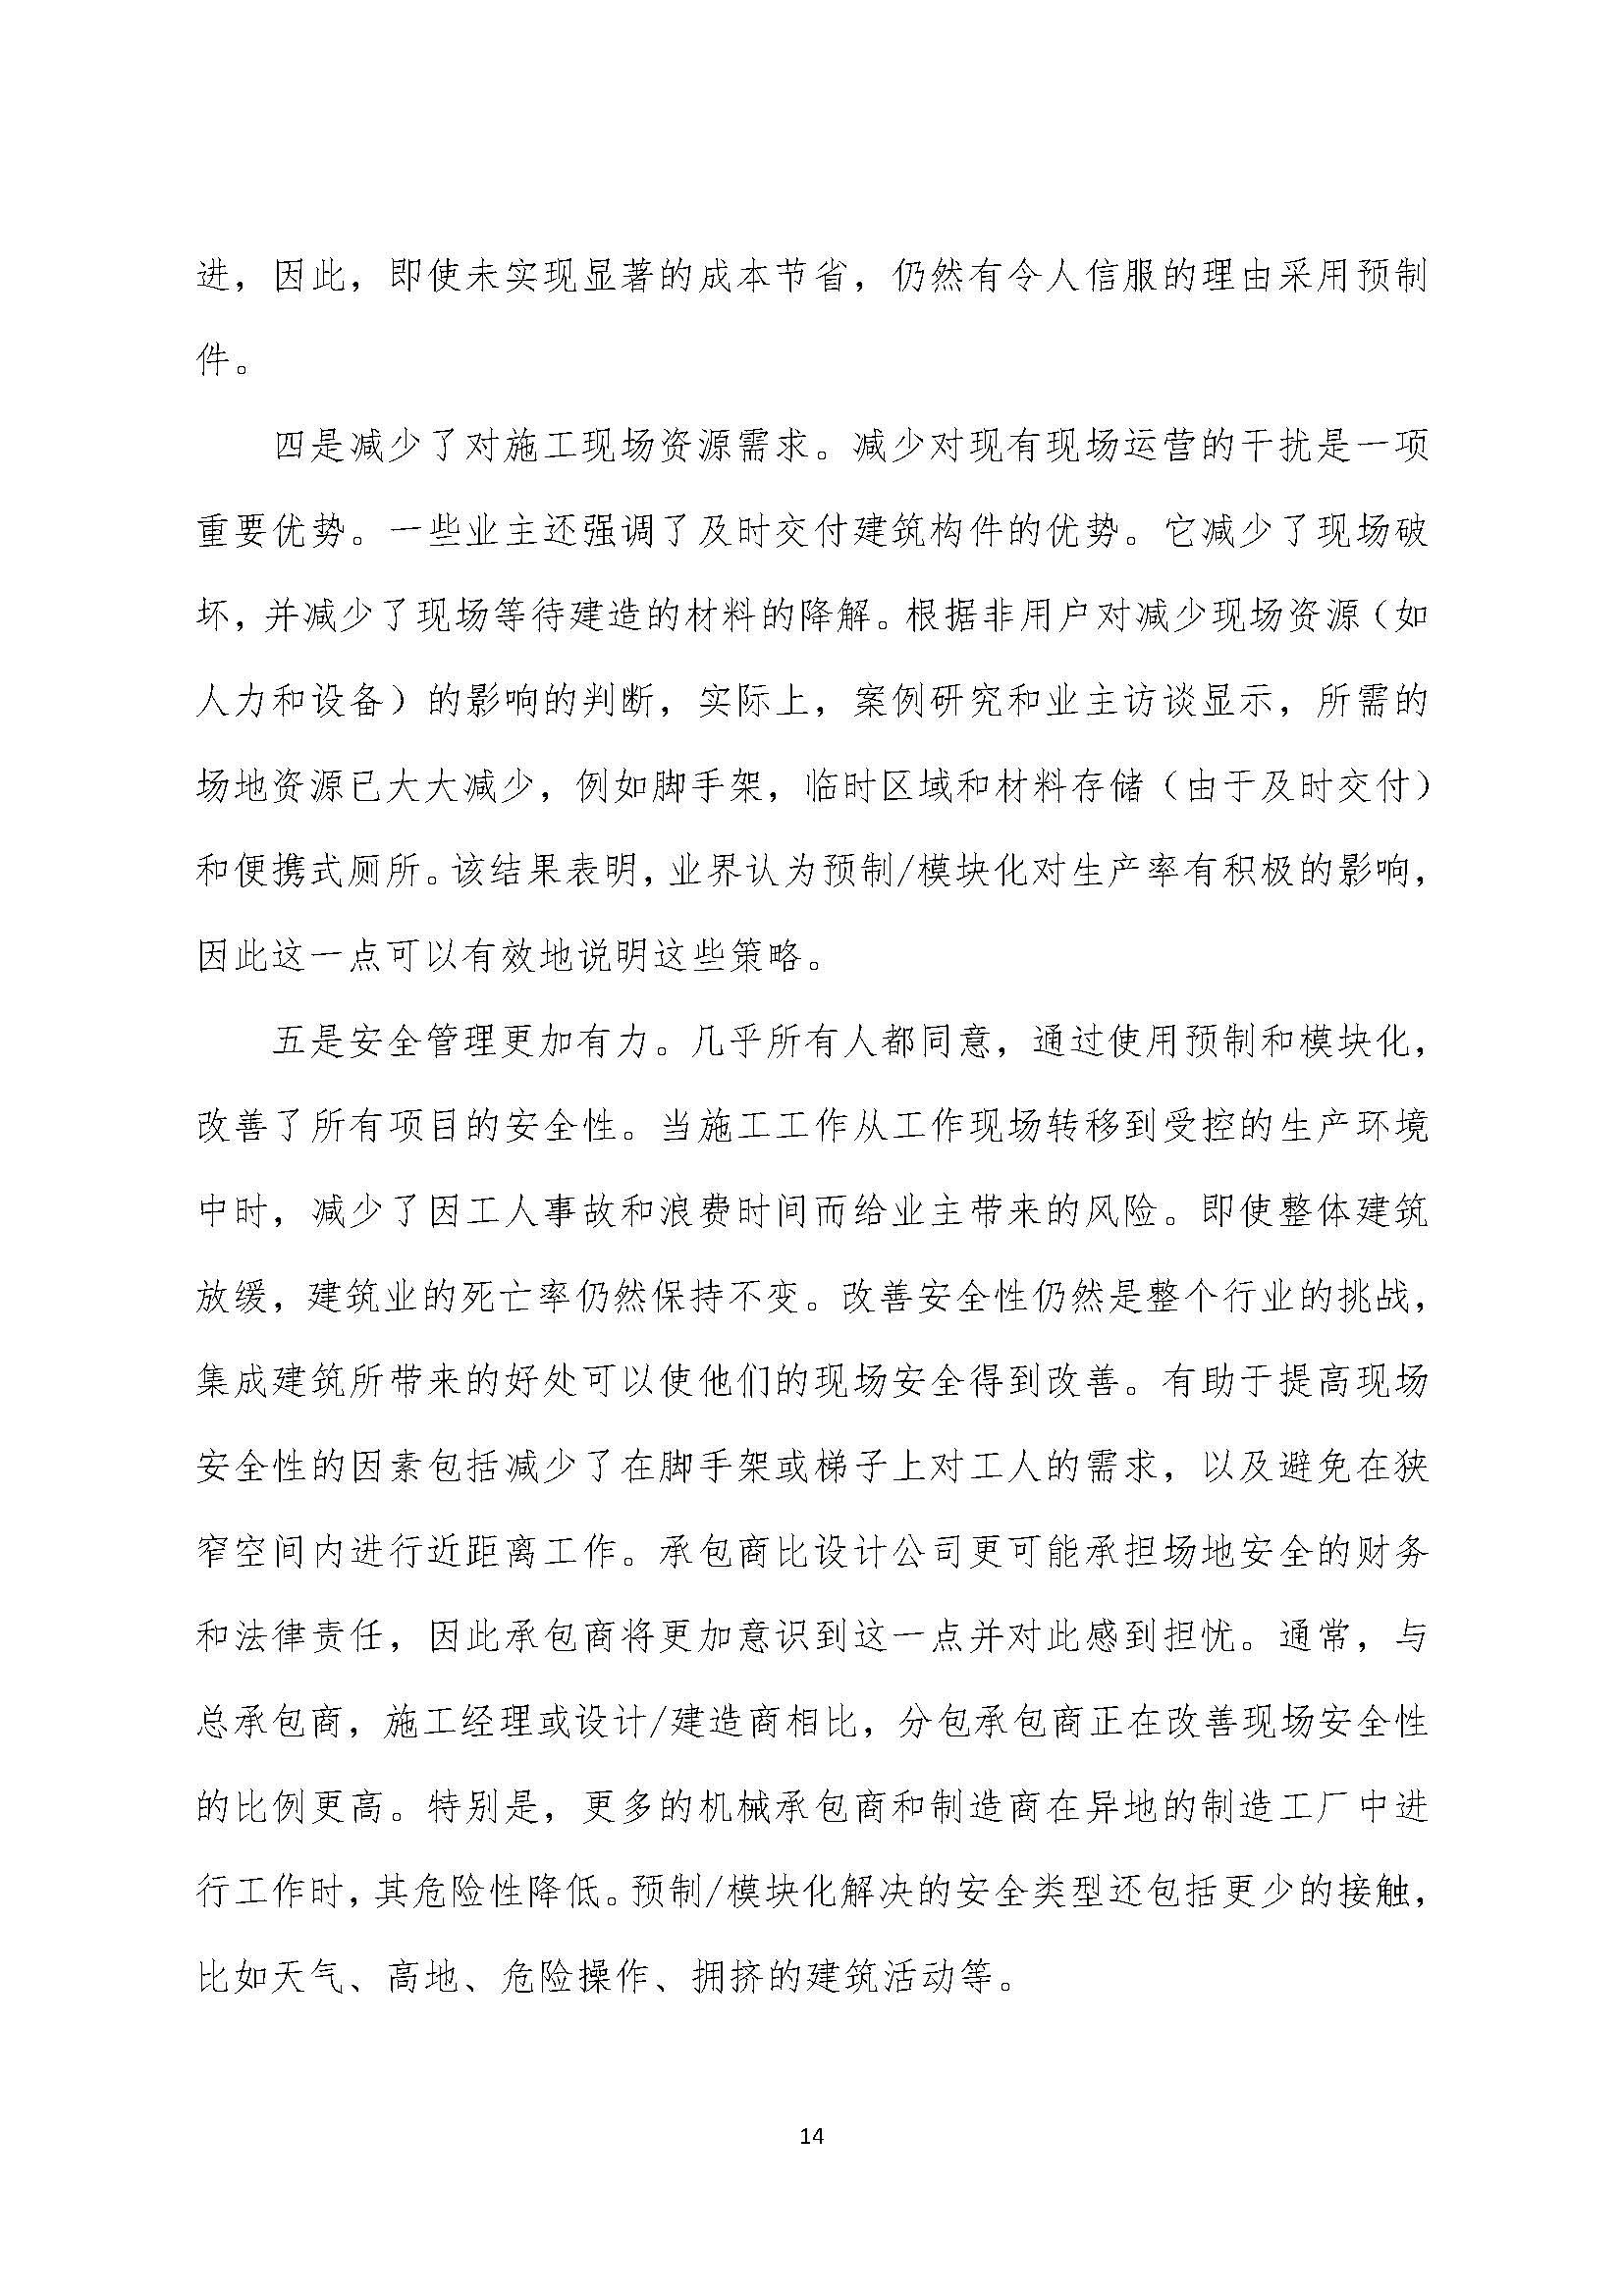 新闻-集成建筑系统构建在国家应急管理体系建设中的应用研究-02172_页面_14